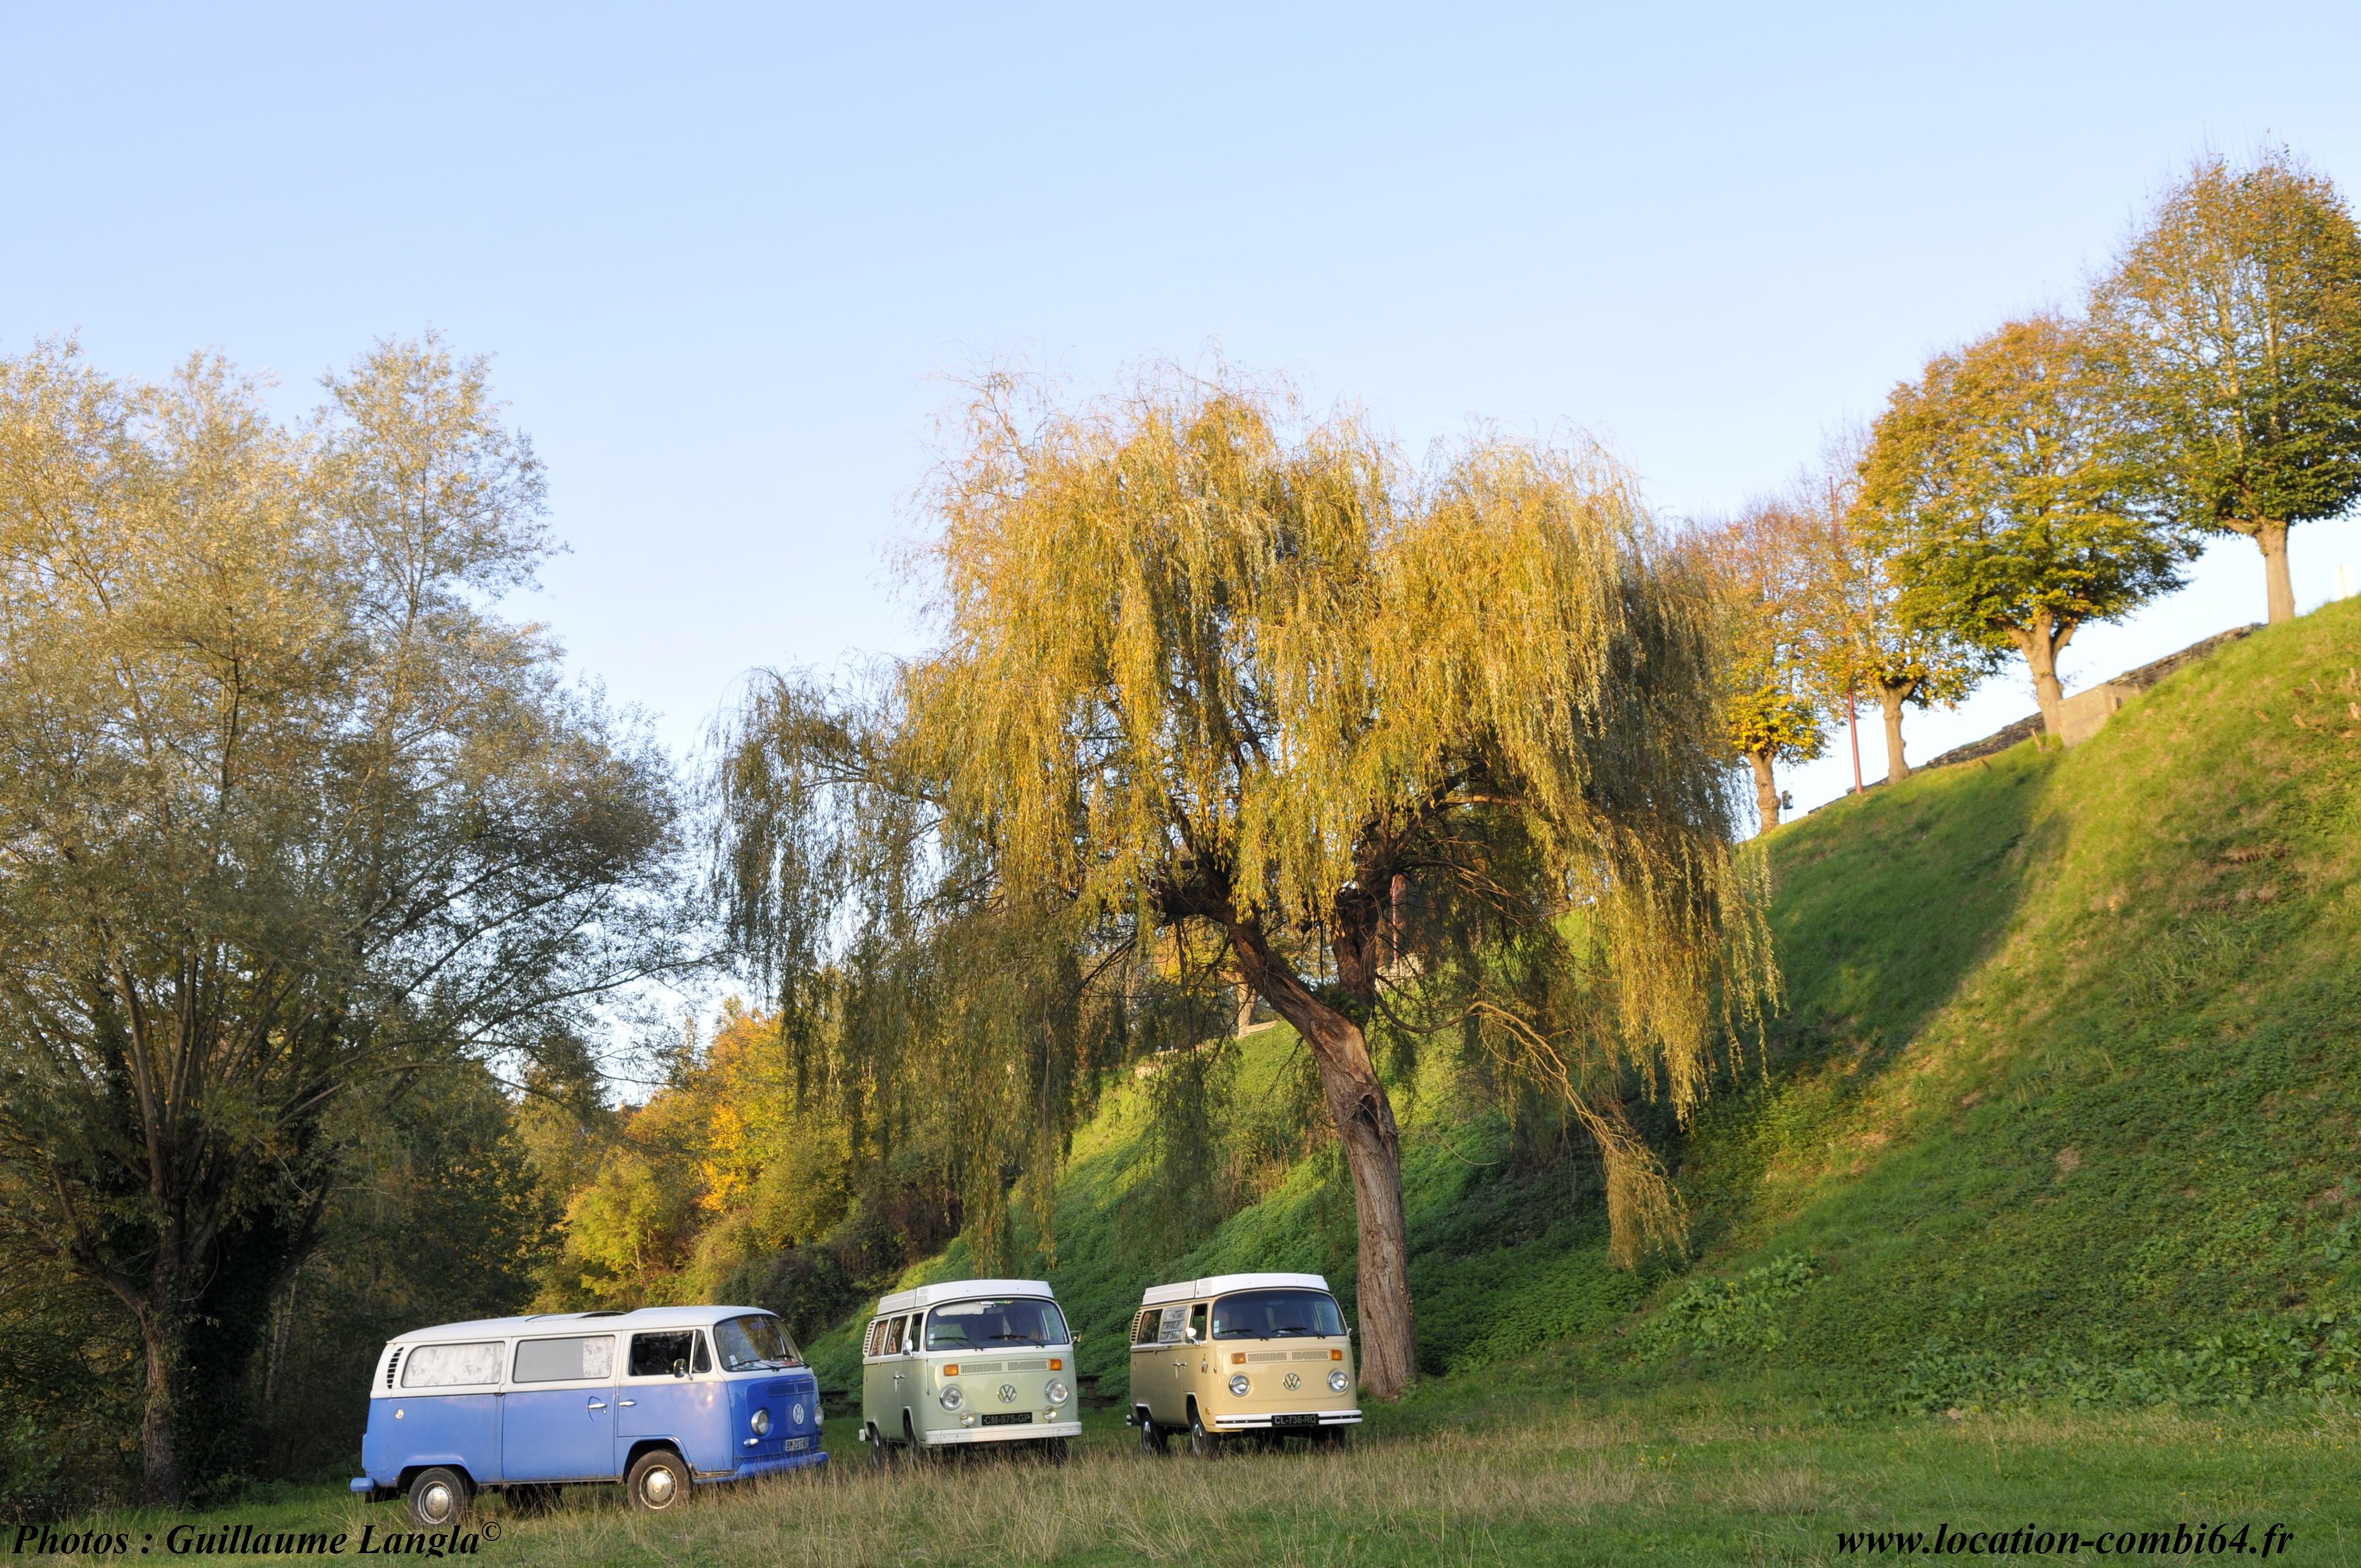 3 combis sous un arbre en plein soleil au bord du gave d'Oloron